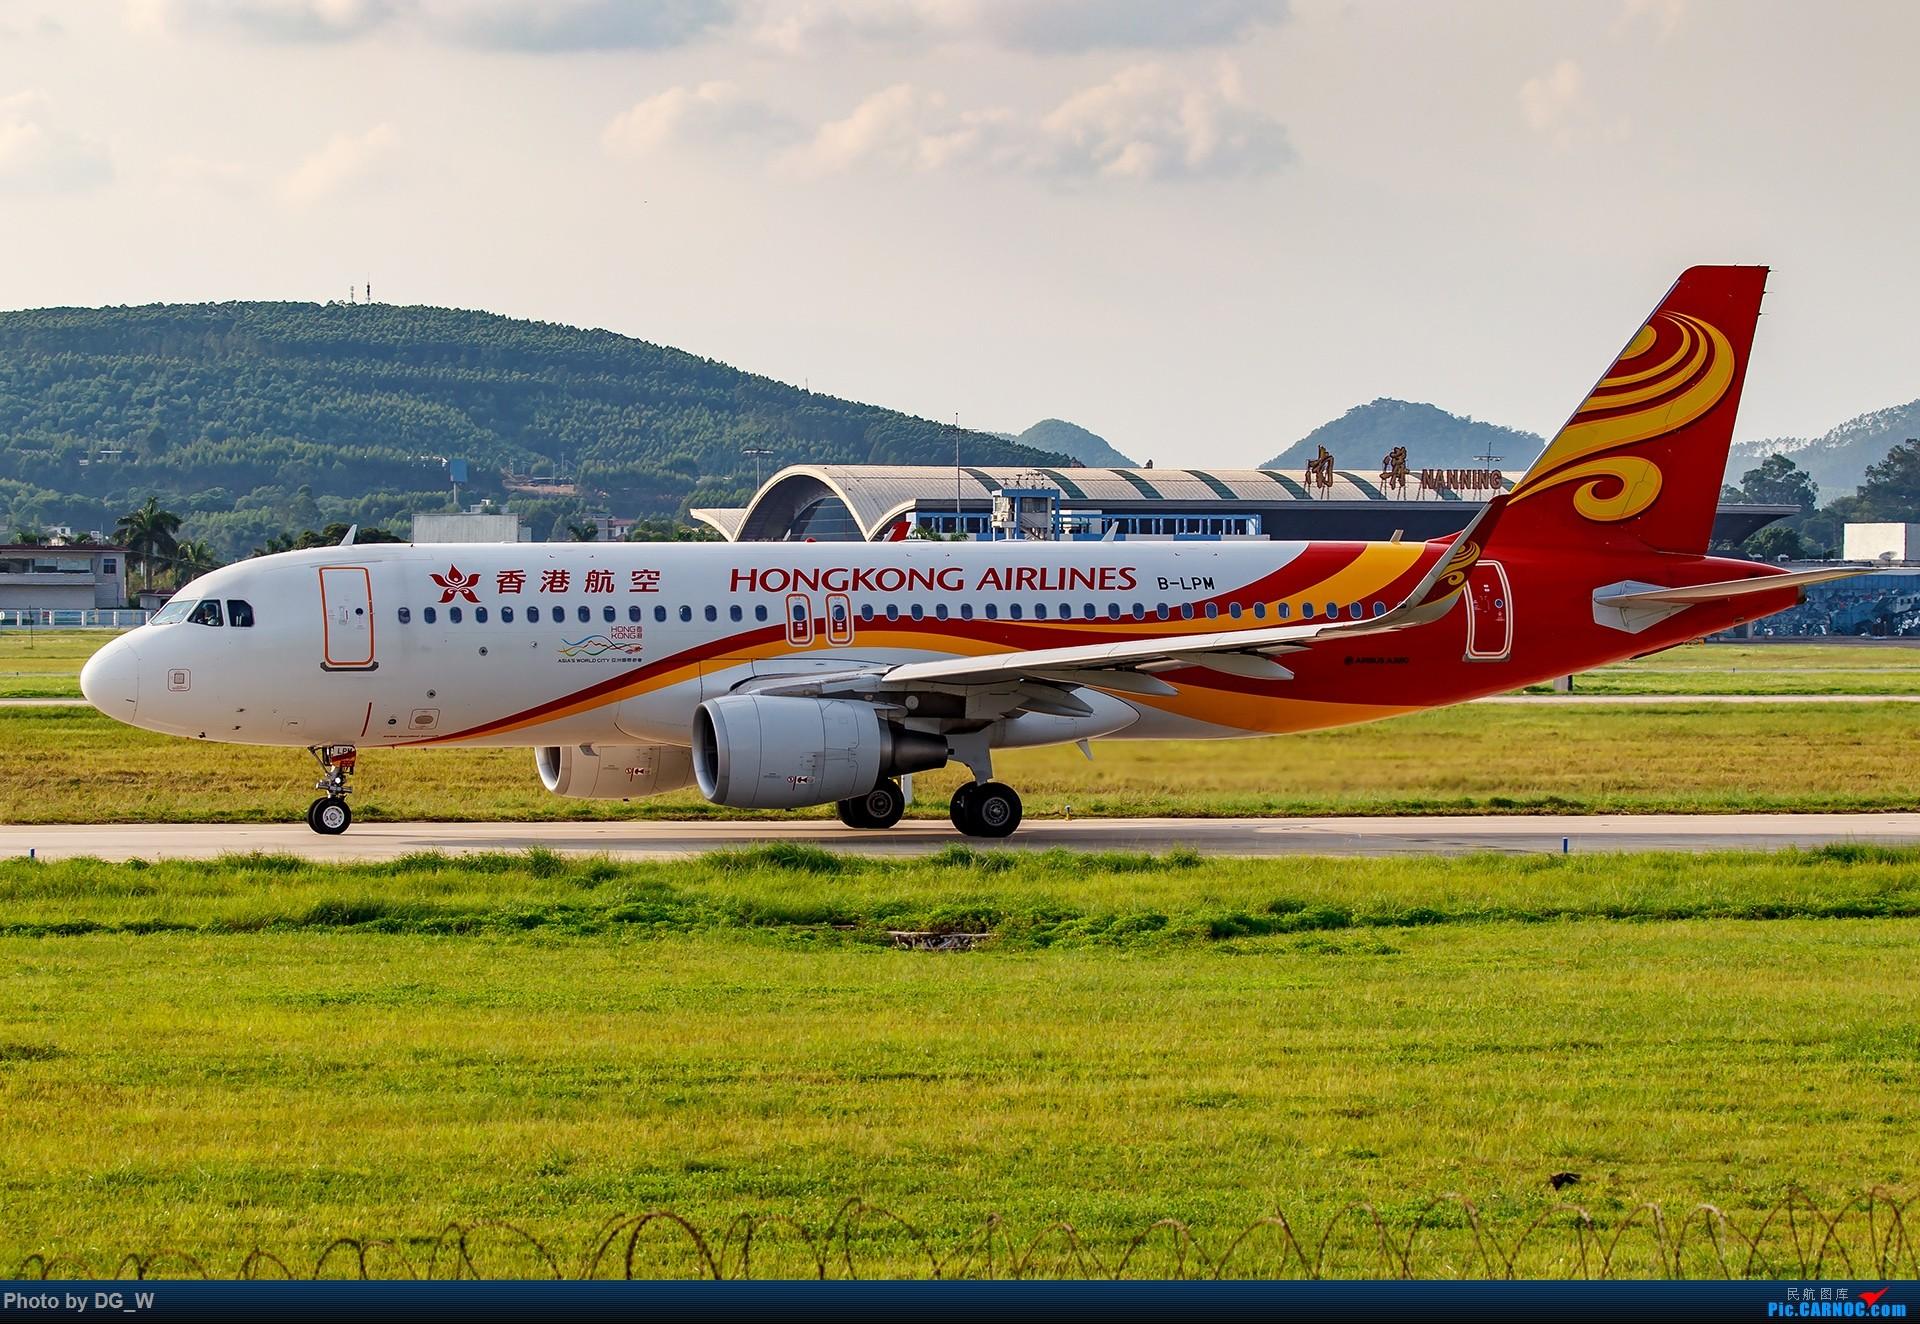 Re:[原创]【南宁飞友】难得的23跑道落地视角和宽体机 AIRBUS A320-200 B-LPM 中国南宁吴圩国际机场